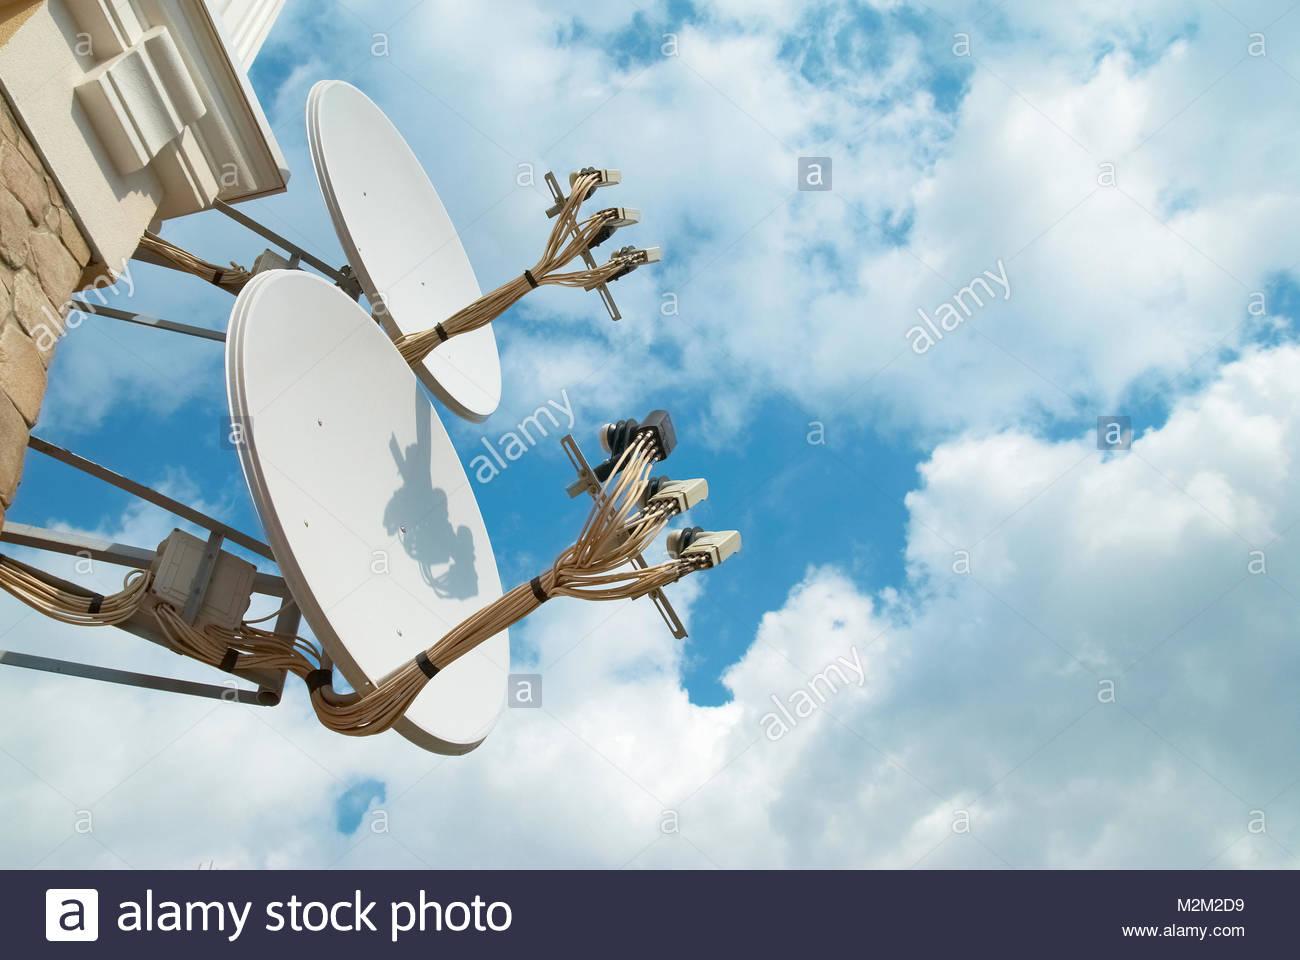 White house reception stock photos white house reception - Antena satelite interior ...